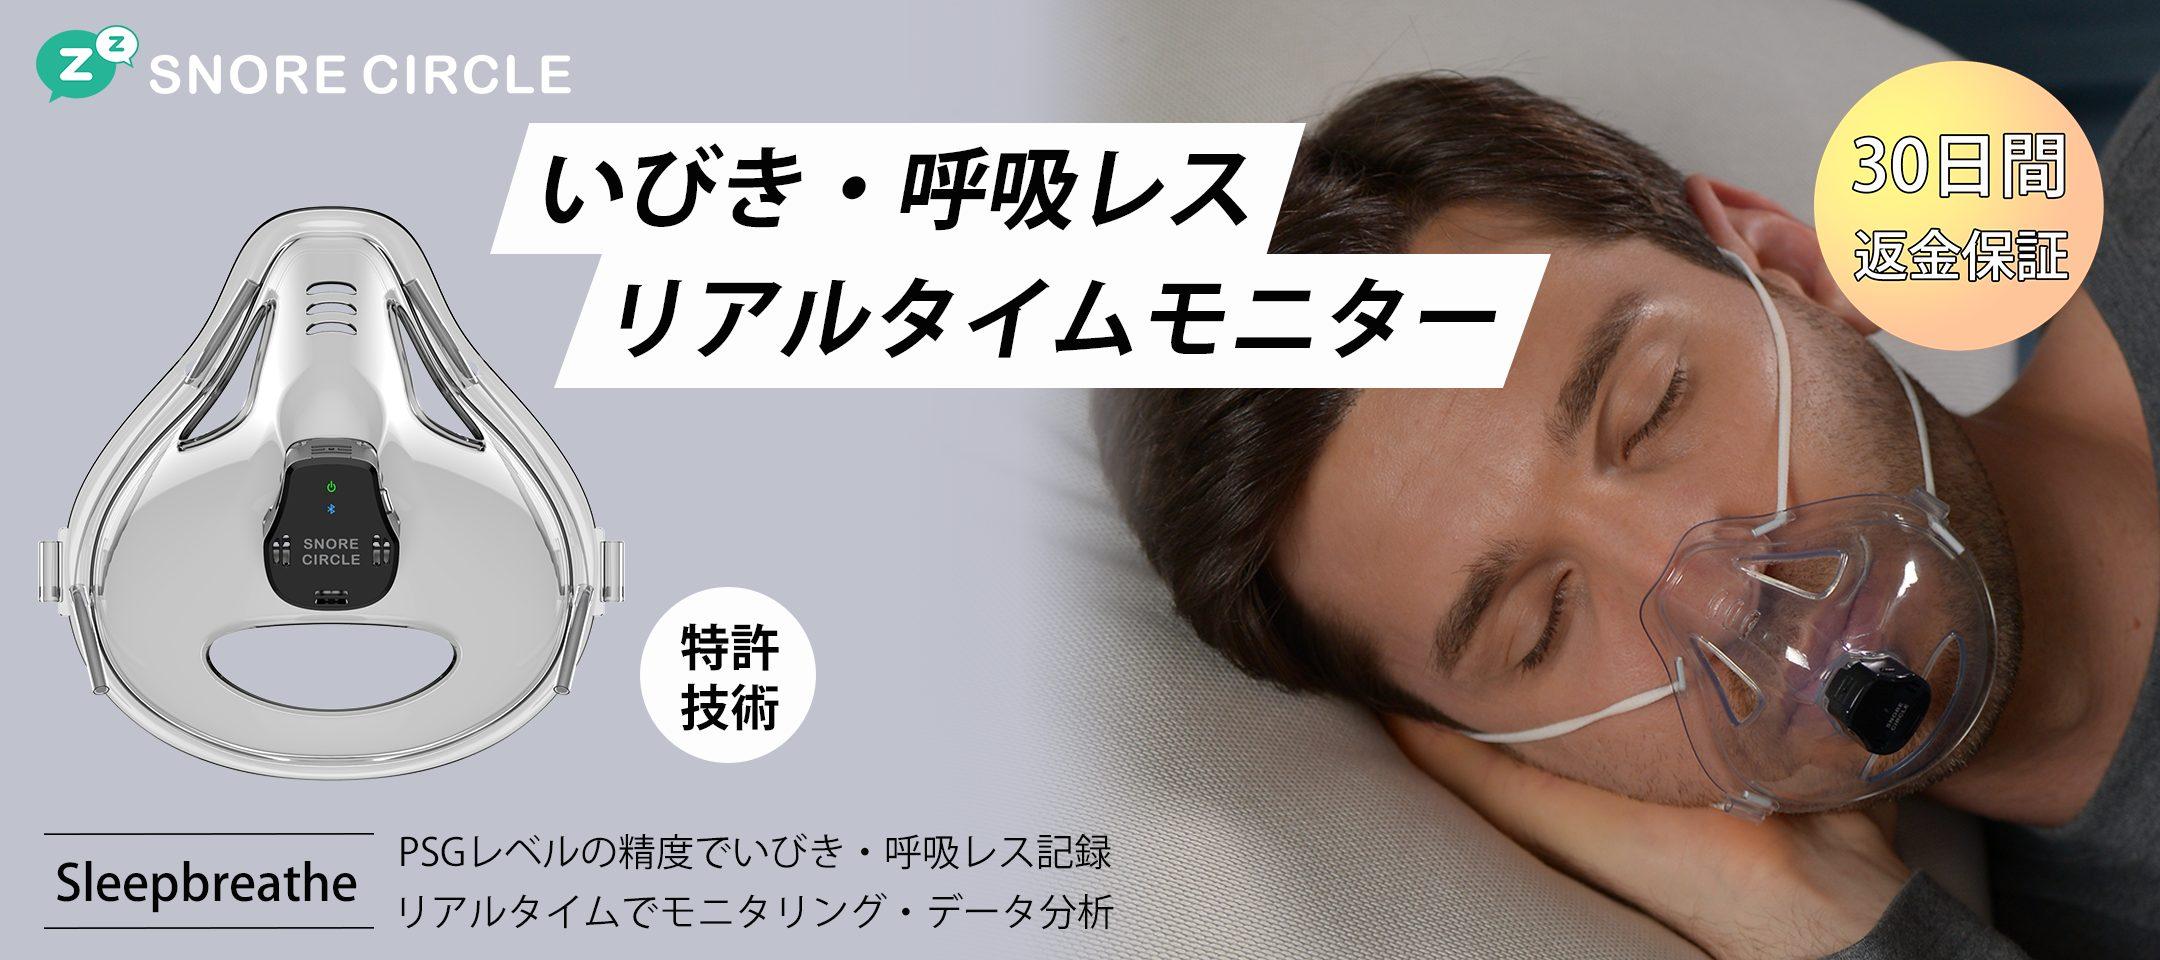 Sleepbreathe いびき・呼吸レスリアルタイムモニター PSGレベルの精度でいびき・呼吸レス記録 リアルタイムでモニタリング・データ分析 30日間返金保証